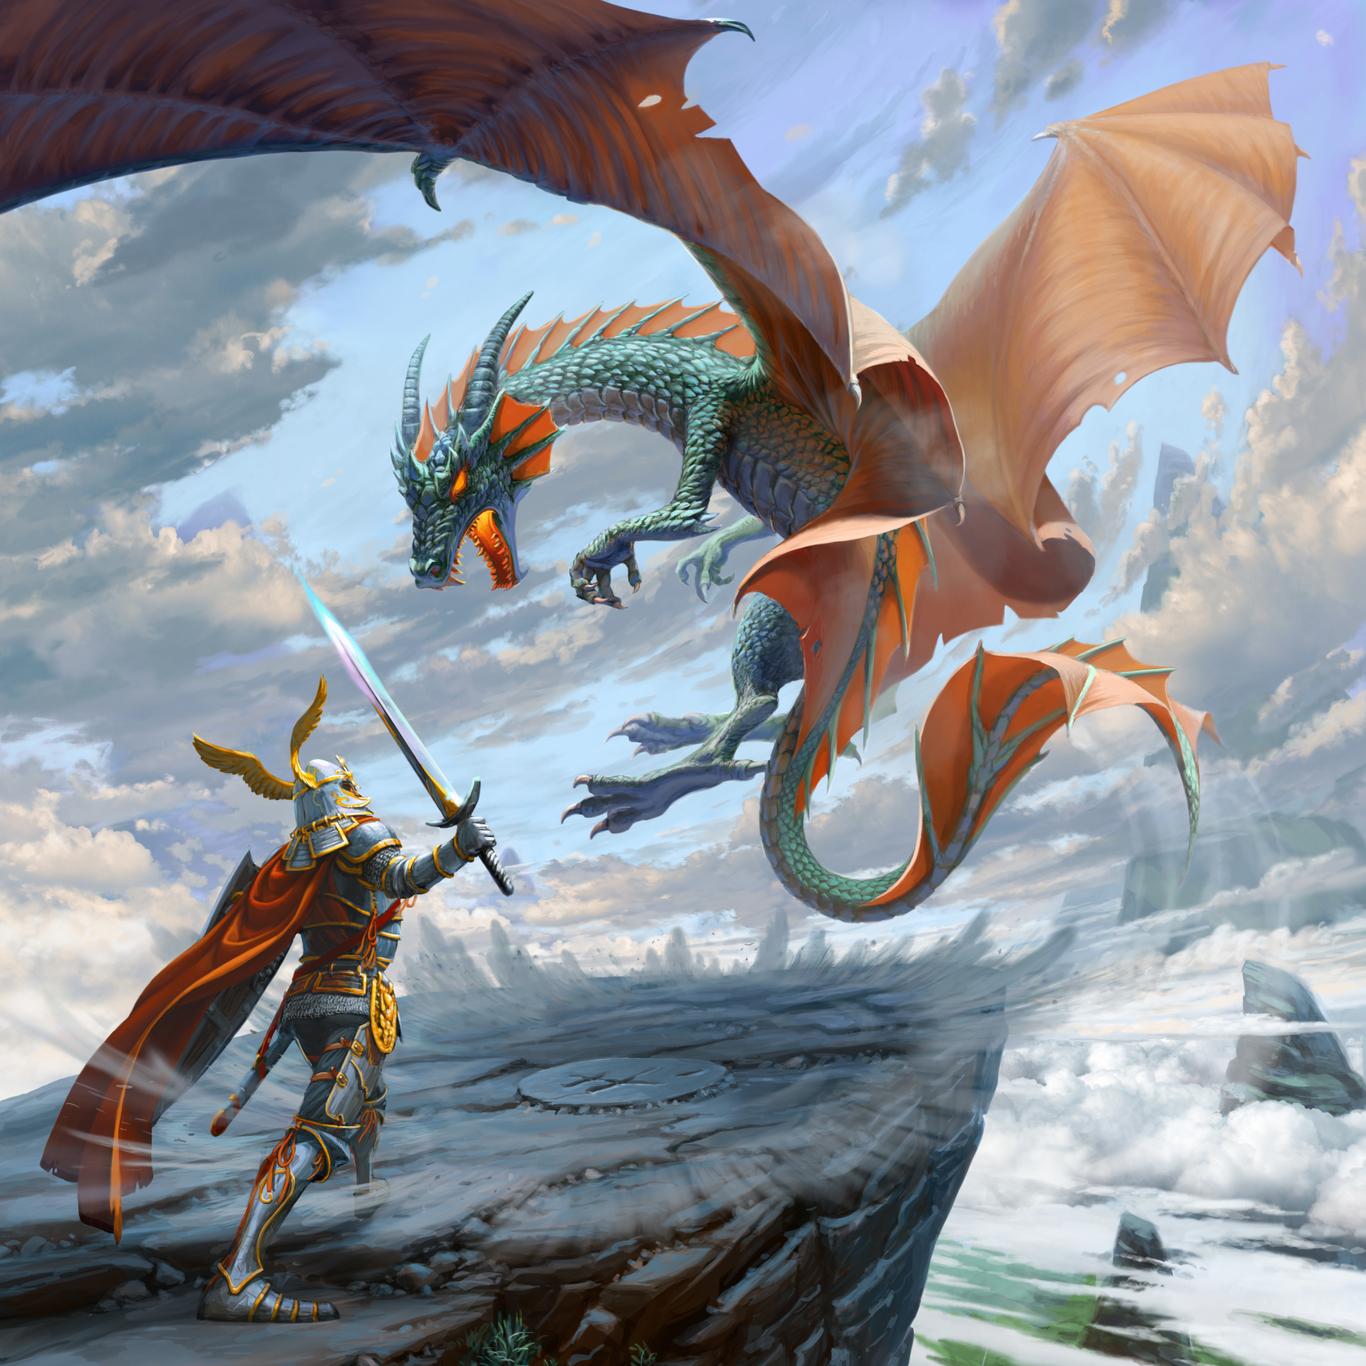 картинки нападающие драконы рыцари красивы, знамениты, посчастливилось